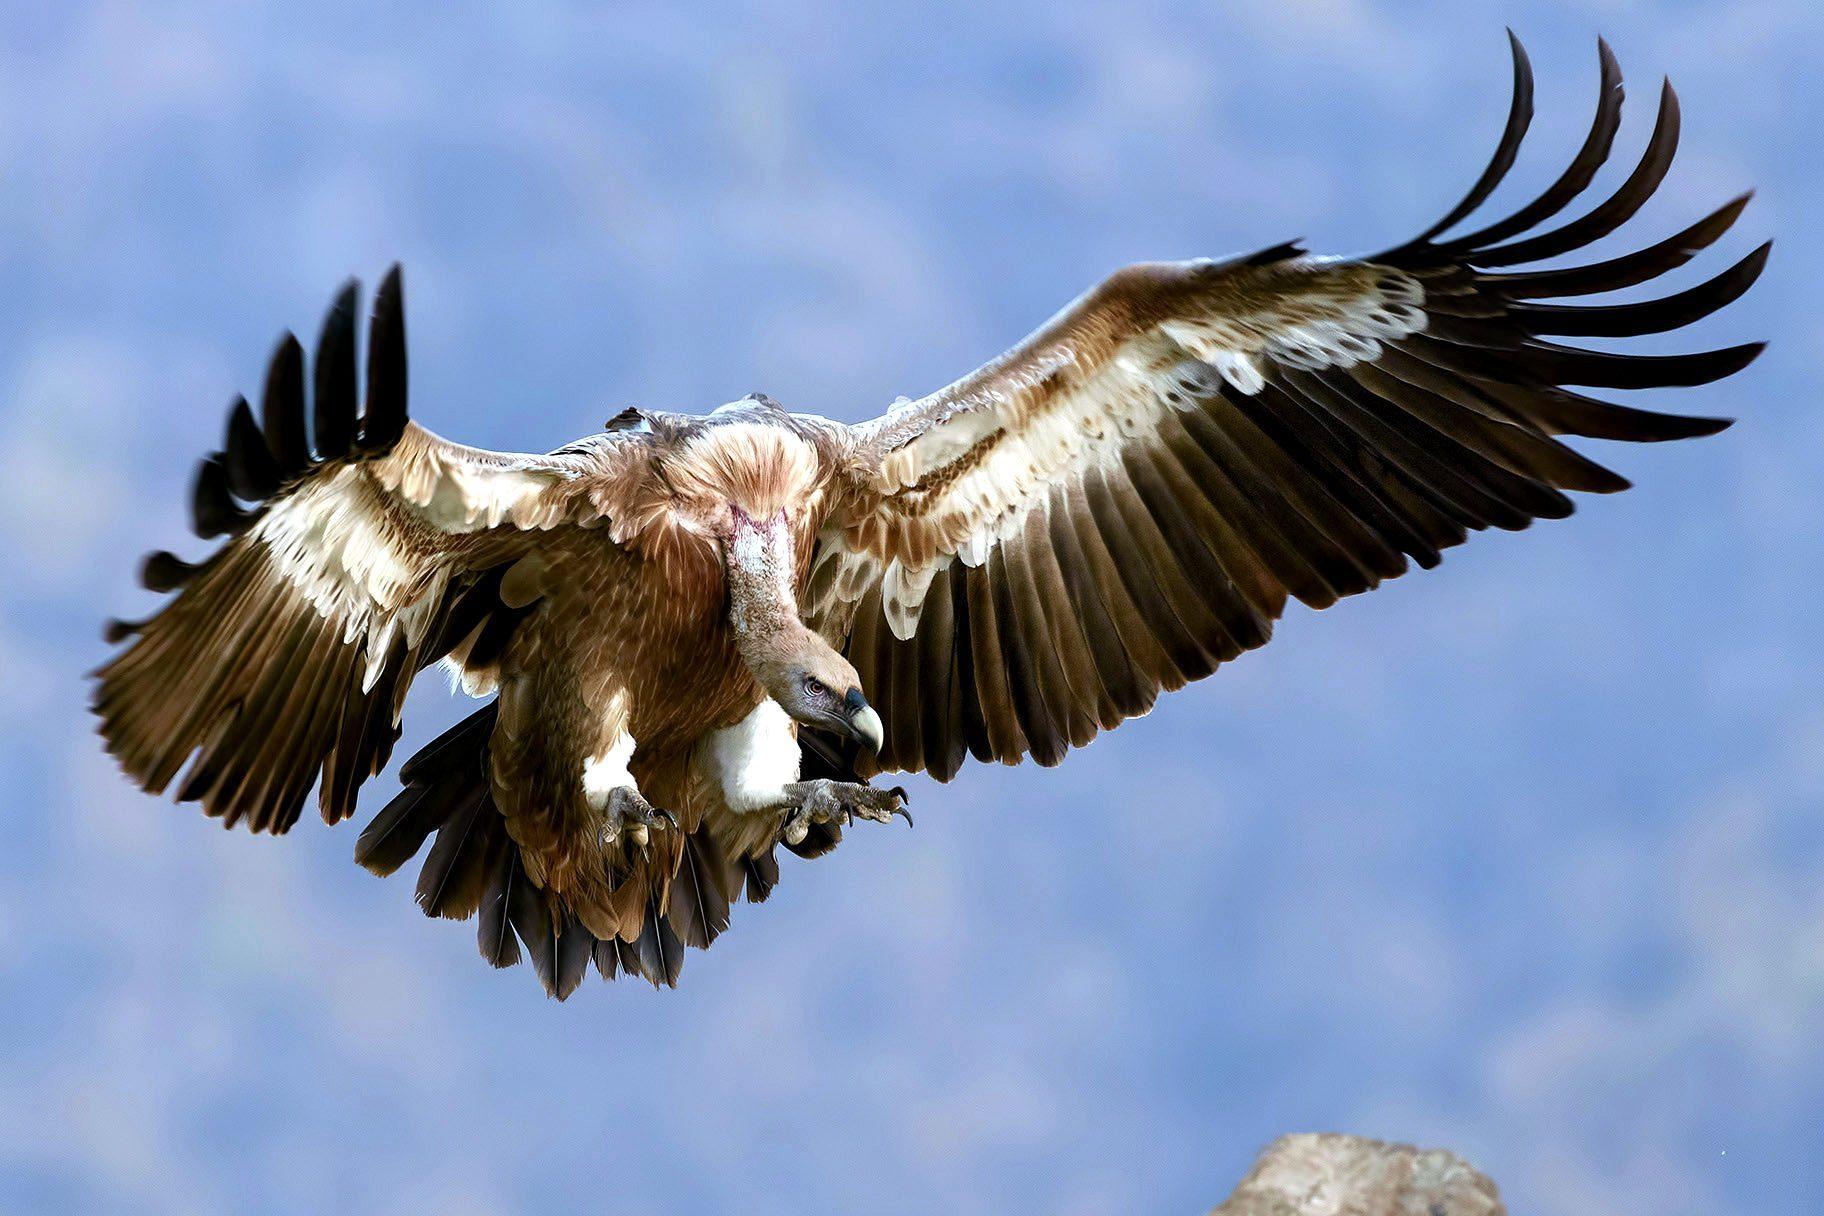 летающие птицы картинки и названия